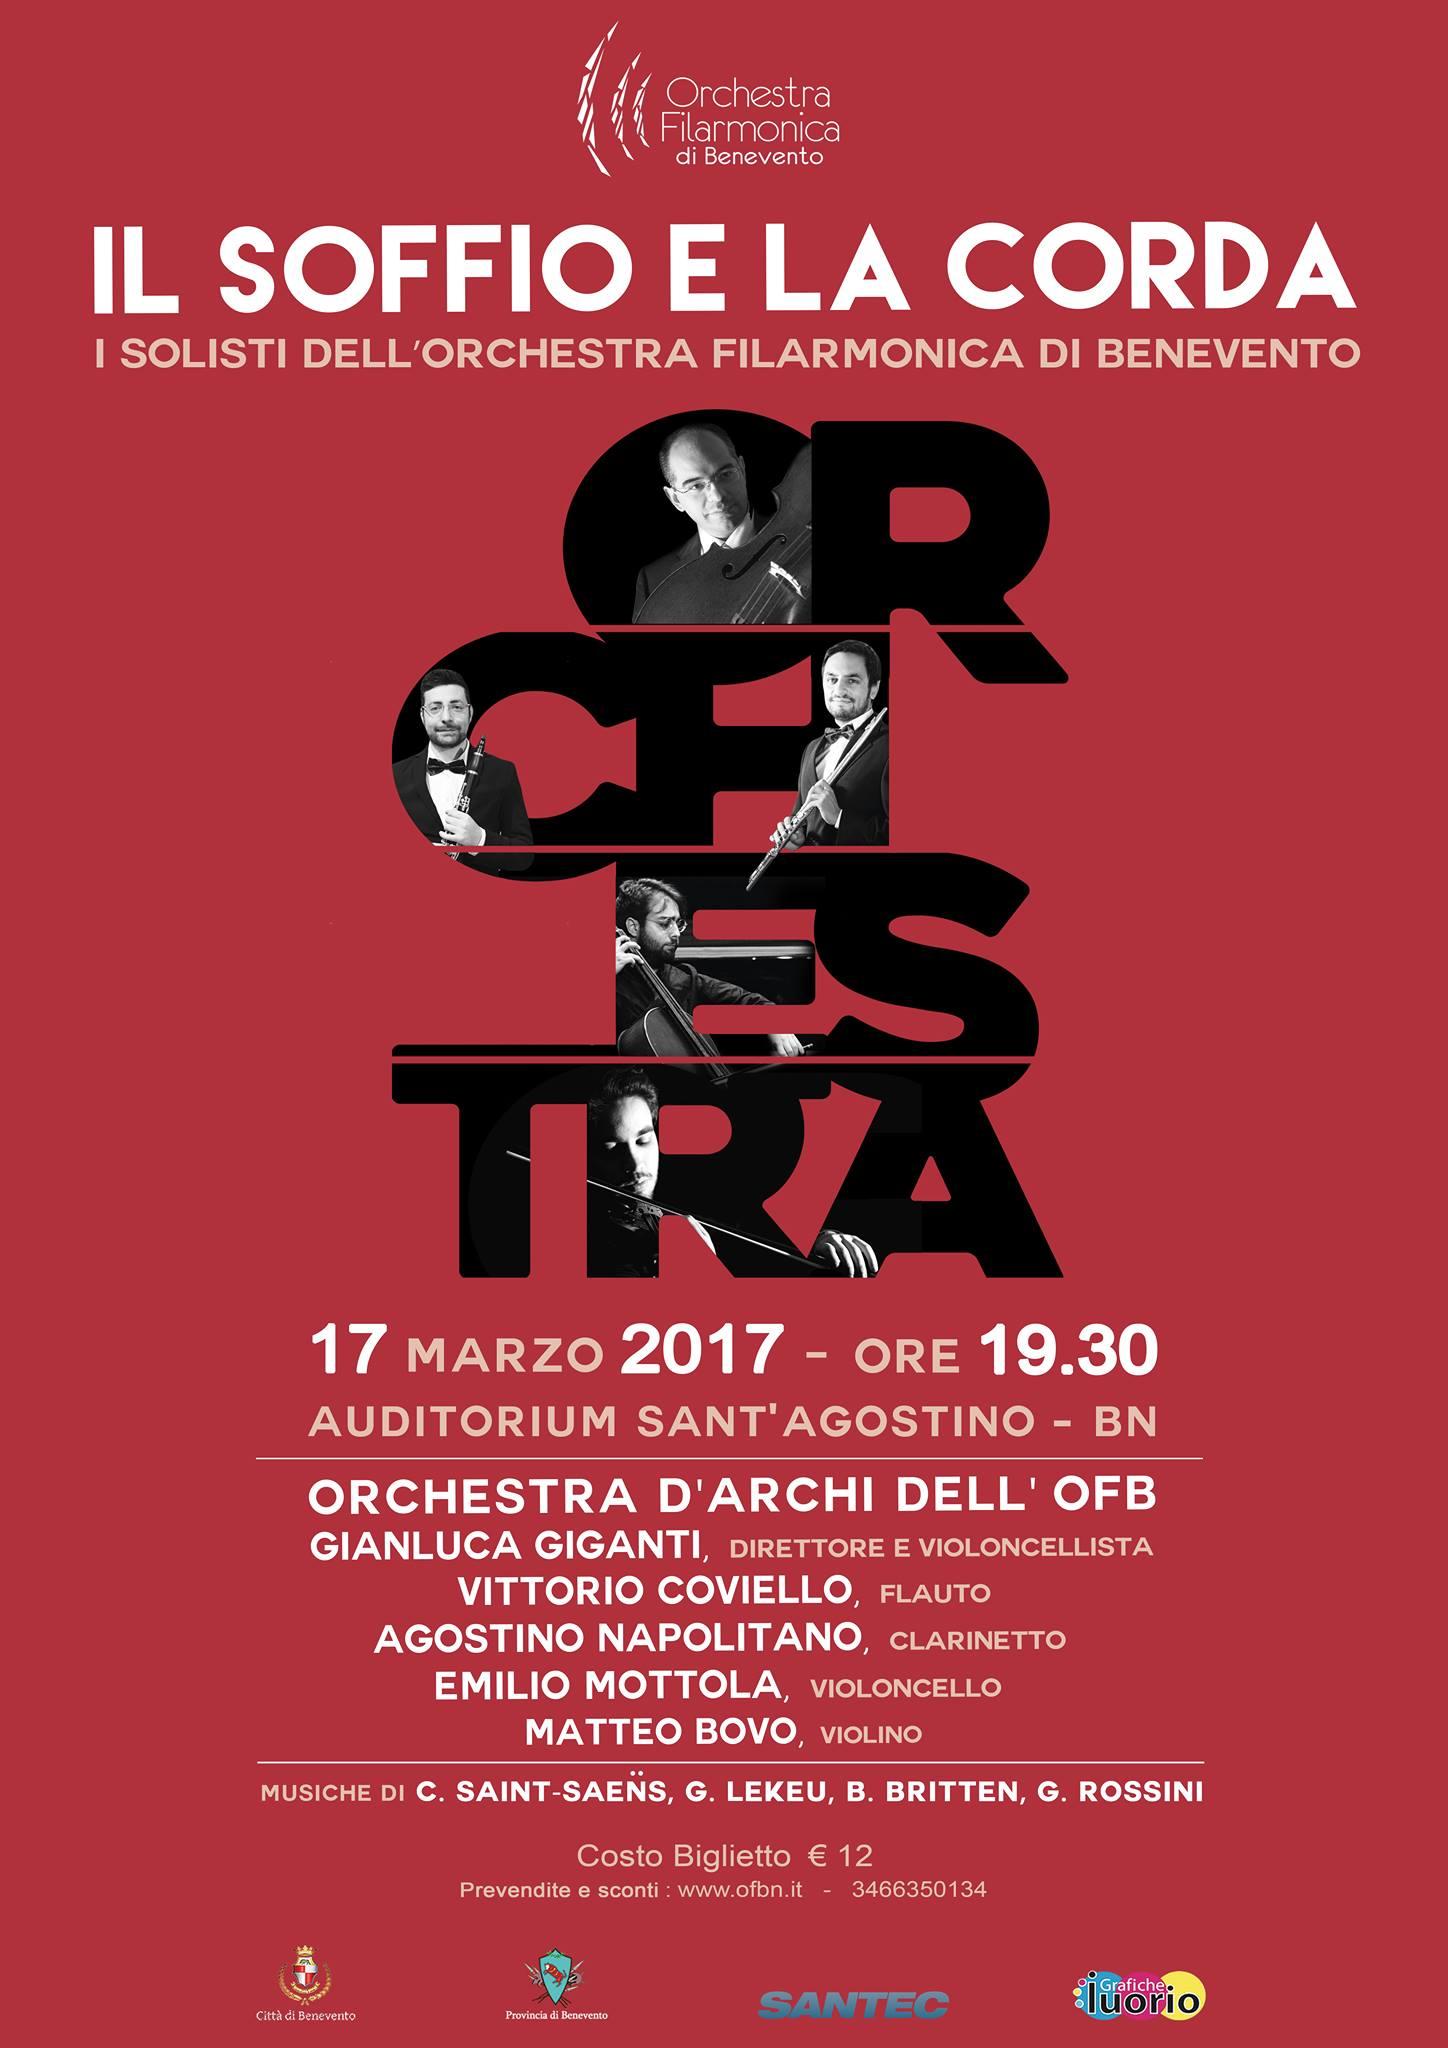 'Il Soffio e la Corda', venerdì secondo concerto dell'Orchestra Filarmonica di Benevento